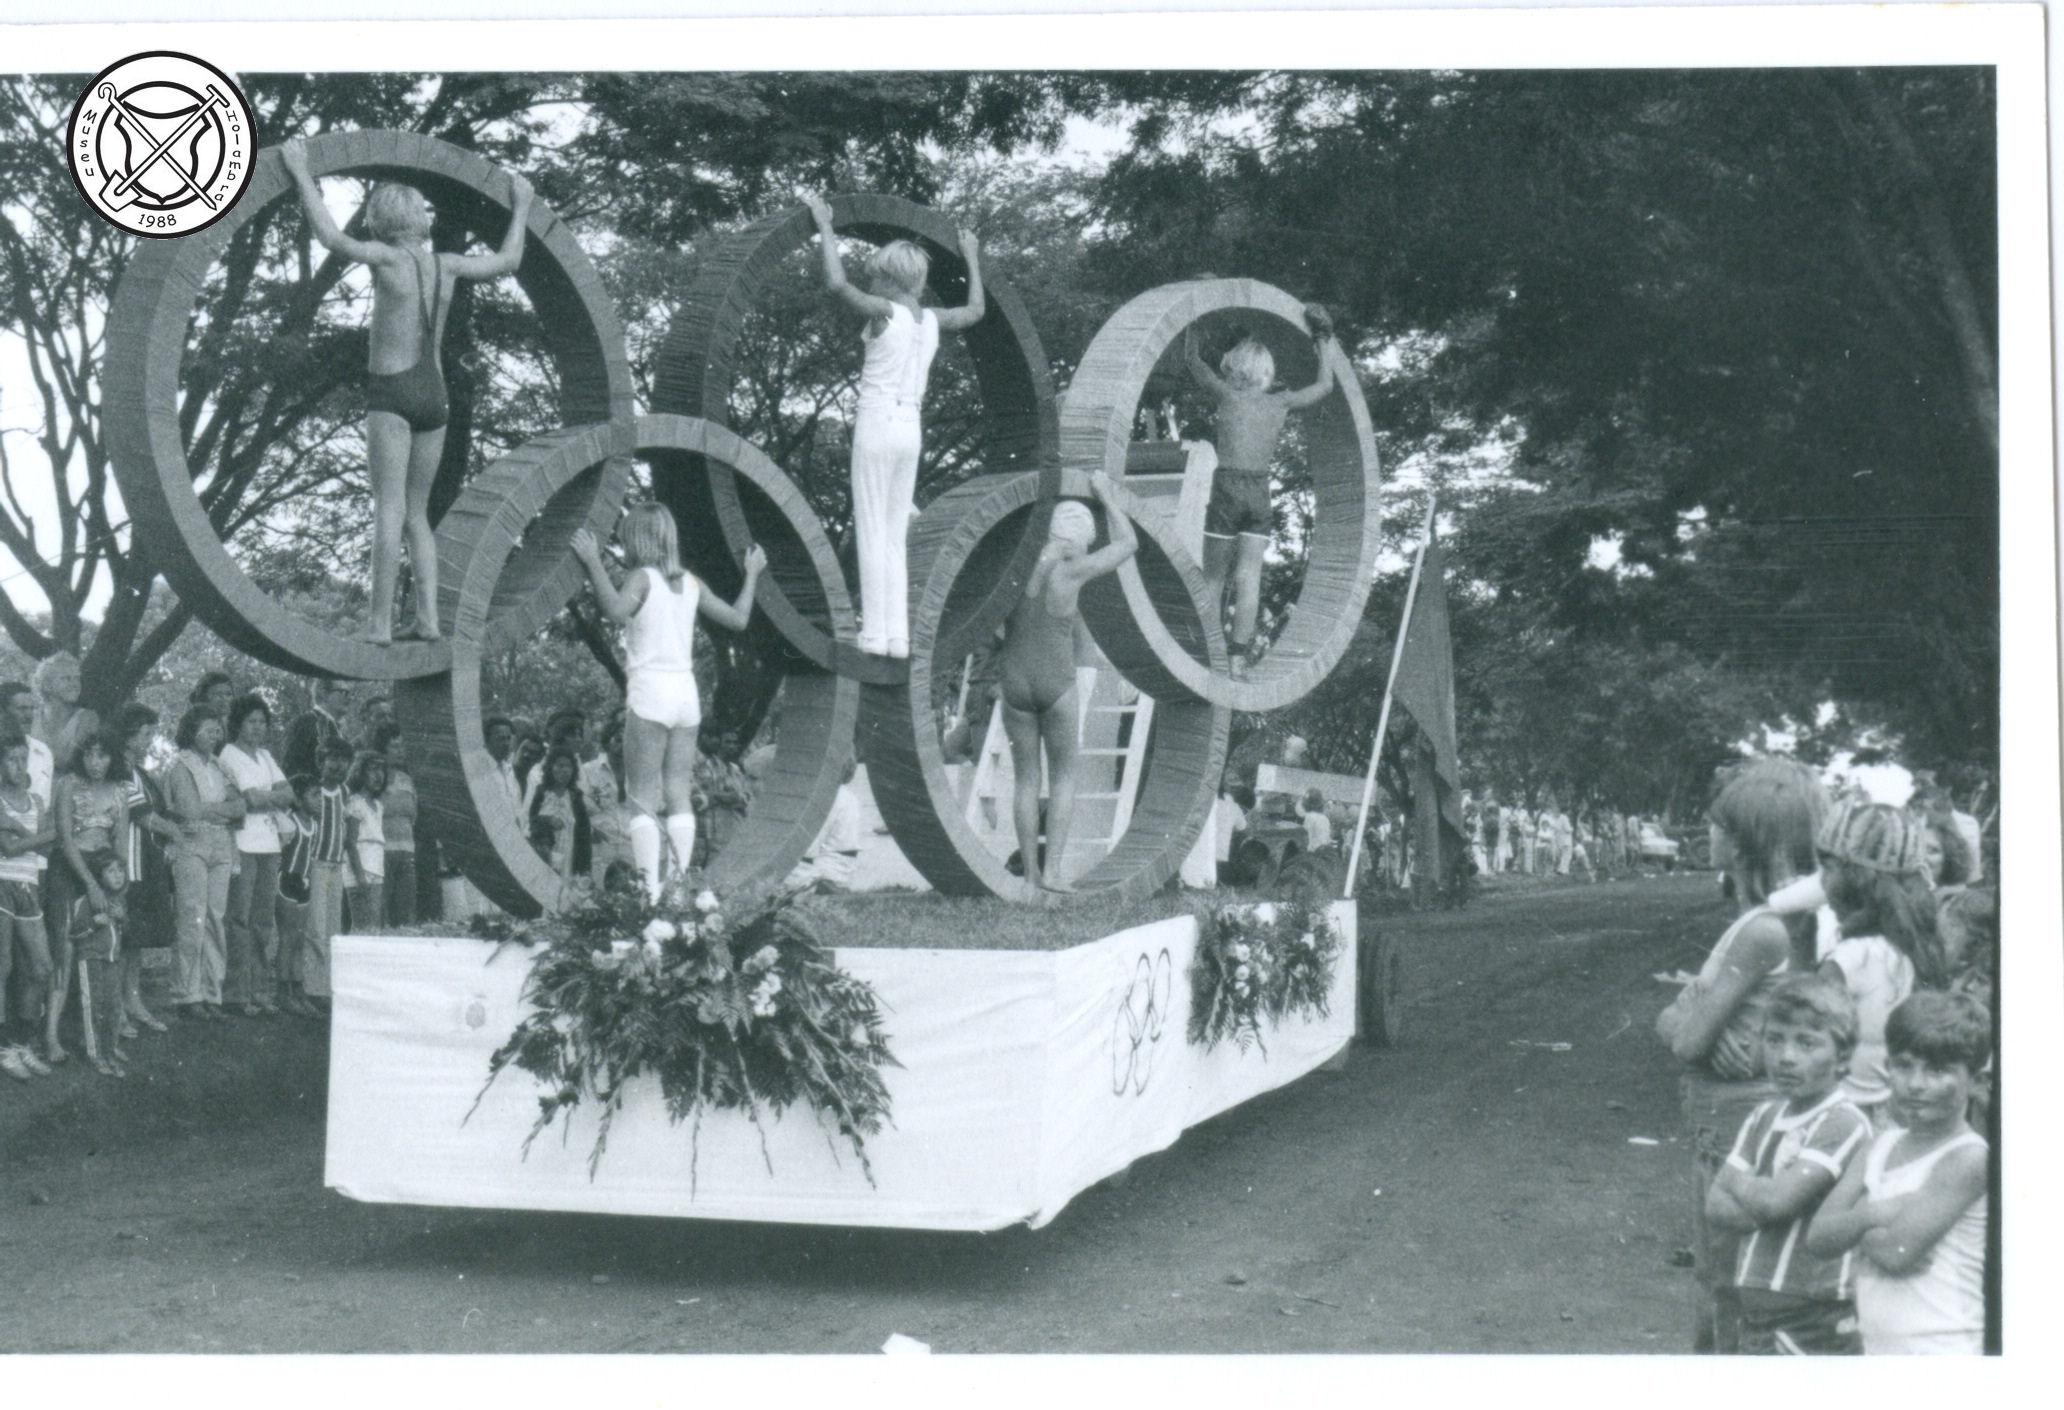 Carnavalsoptocht met het thema Olympische Spelen